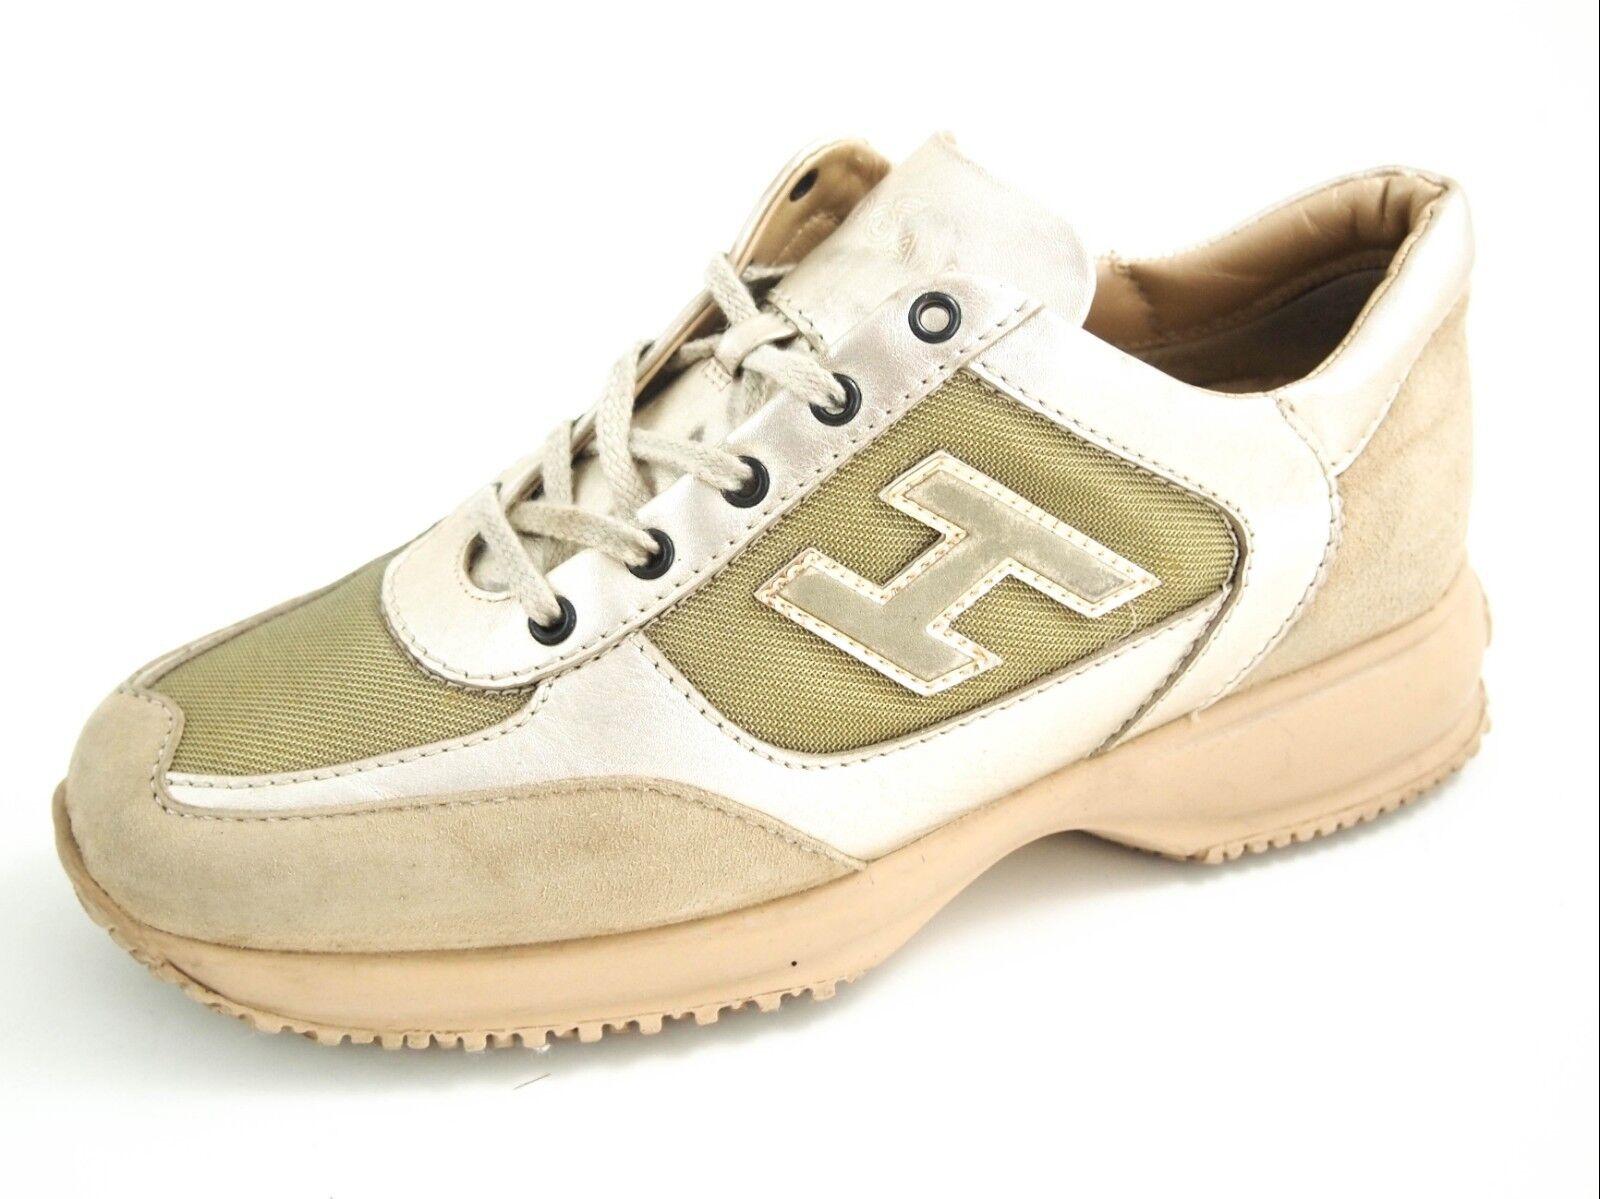 HOGAN  sneakers, green canvas beige suede, women's shoe size EU 35 US 4.5  380